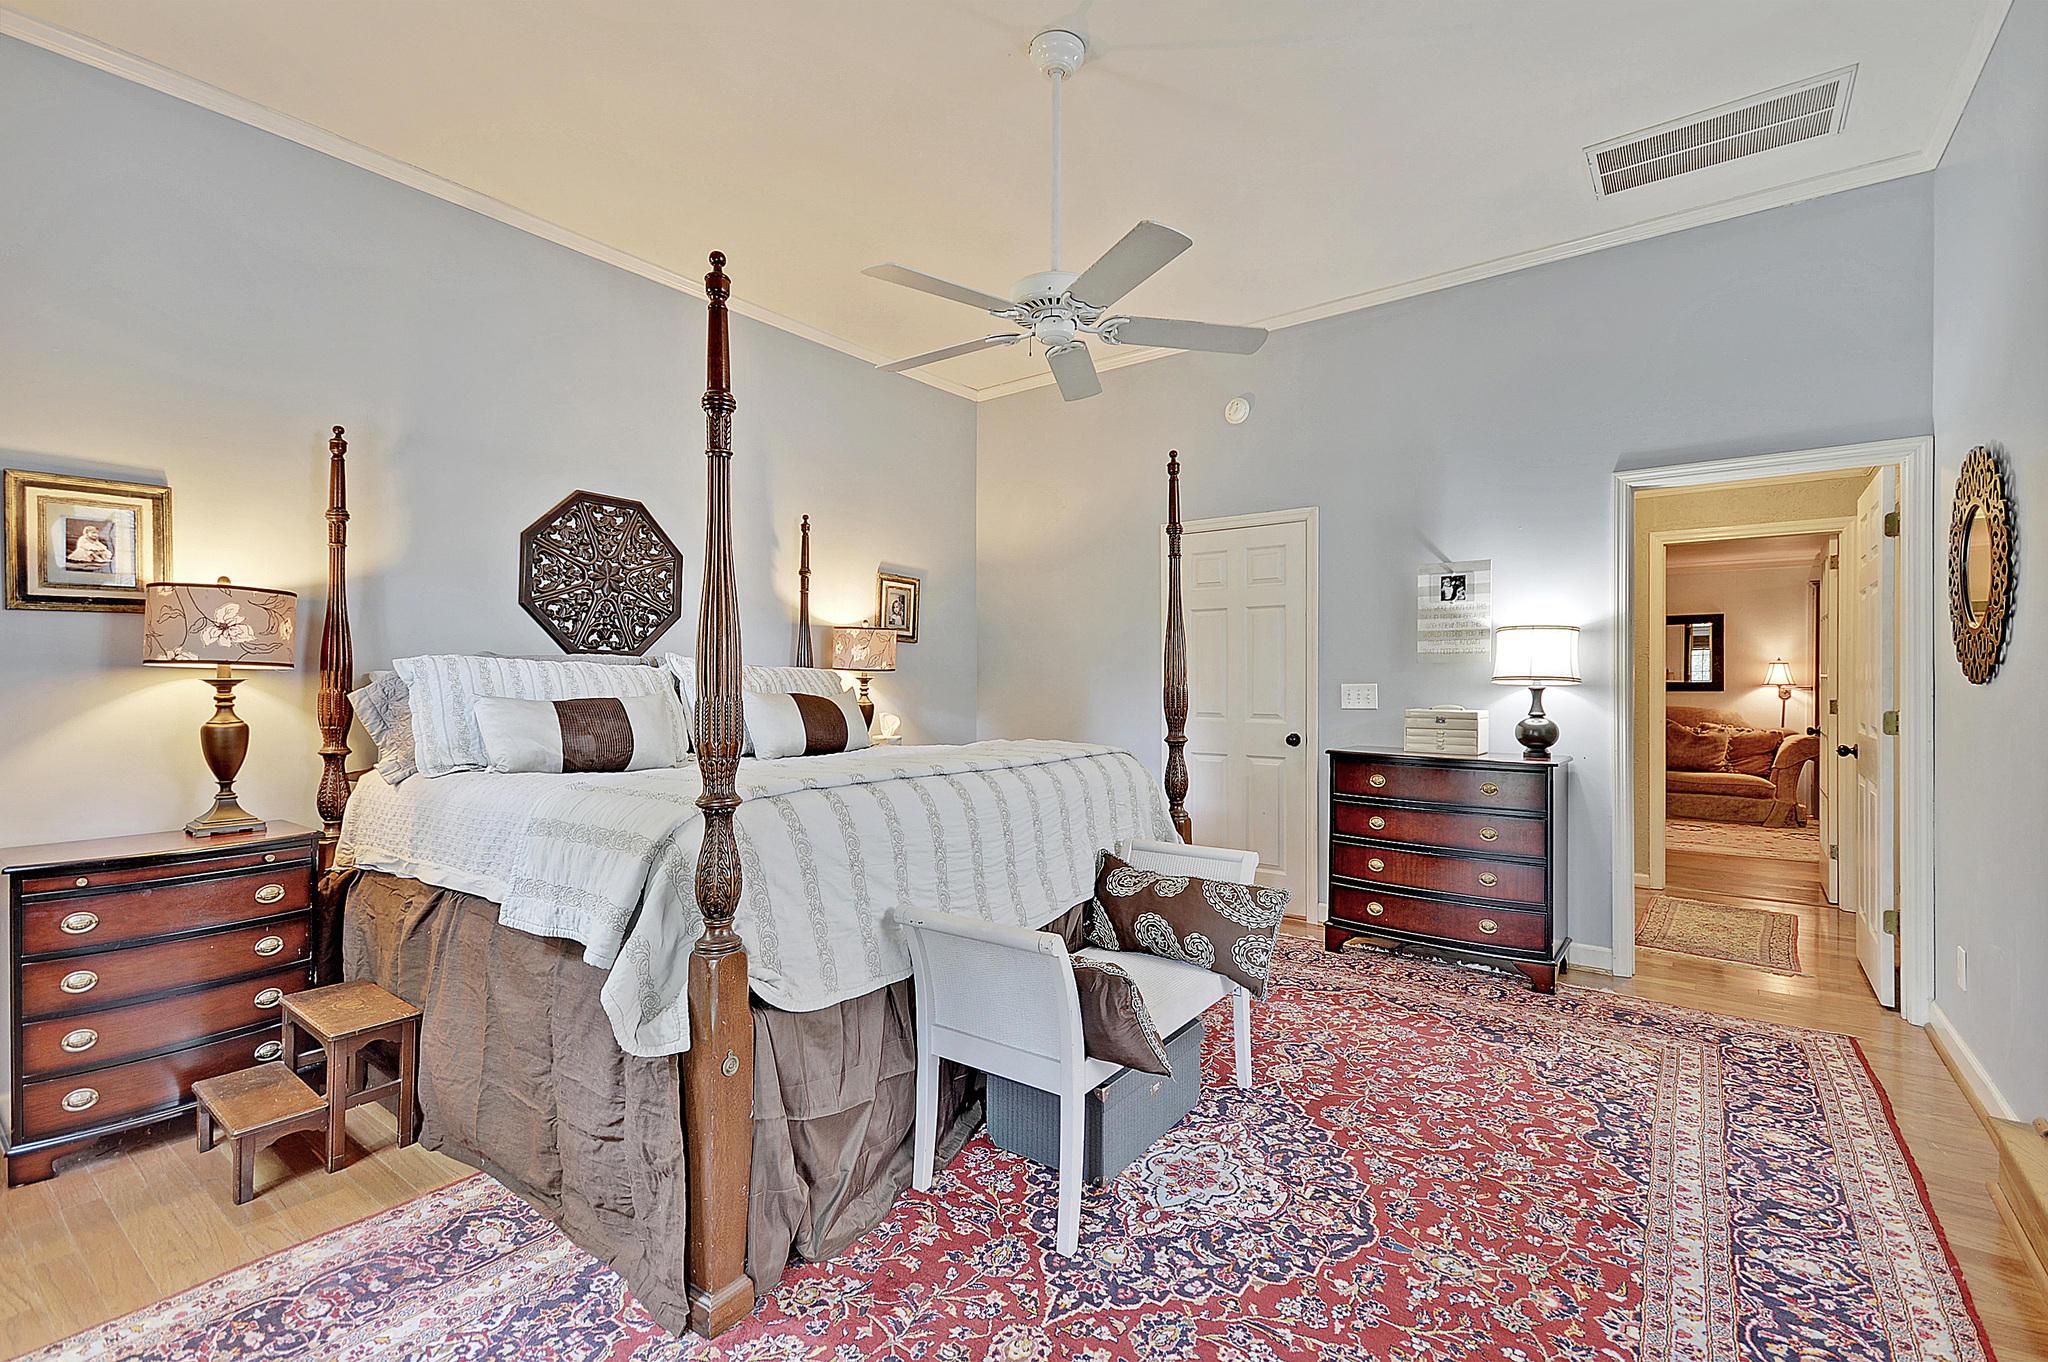 Parish Place Homes For Sale - 814 Abcaw, Mount Pleasant, SC - 12